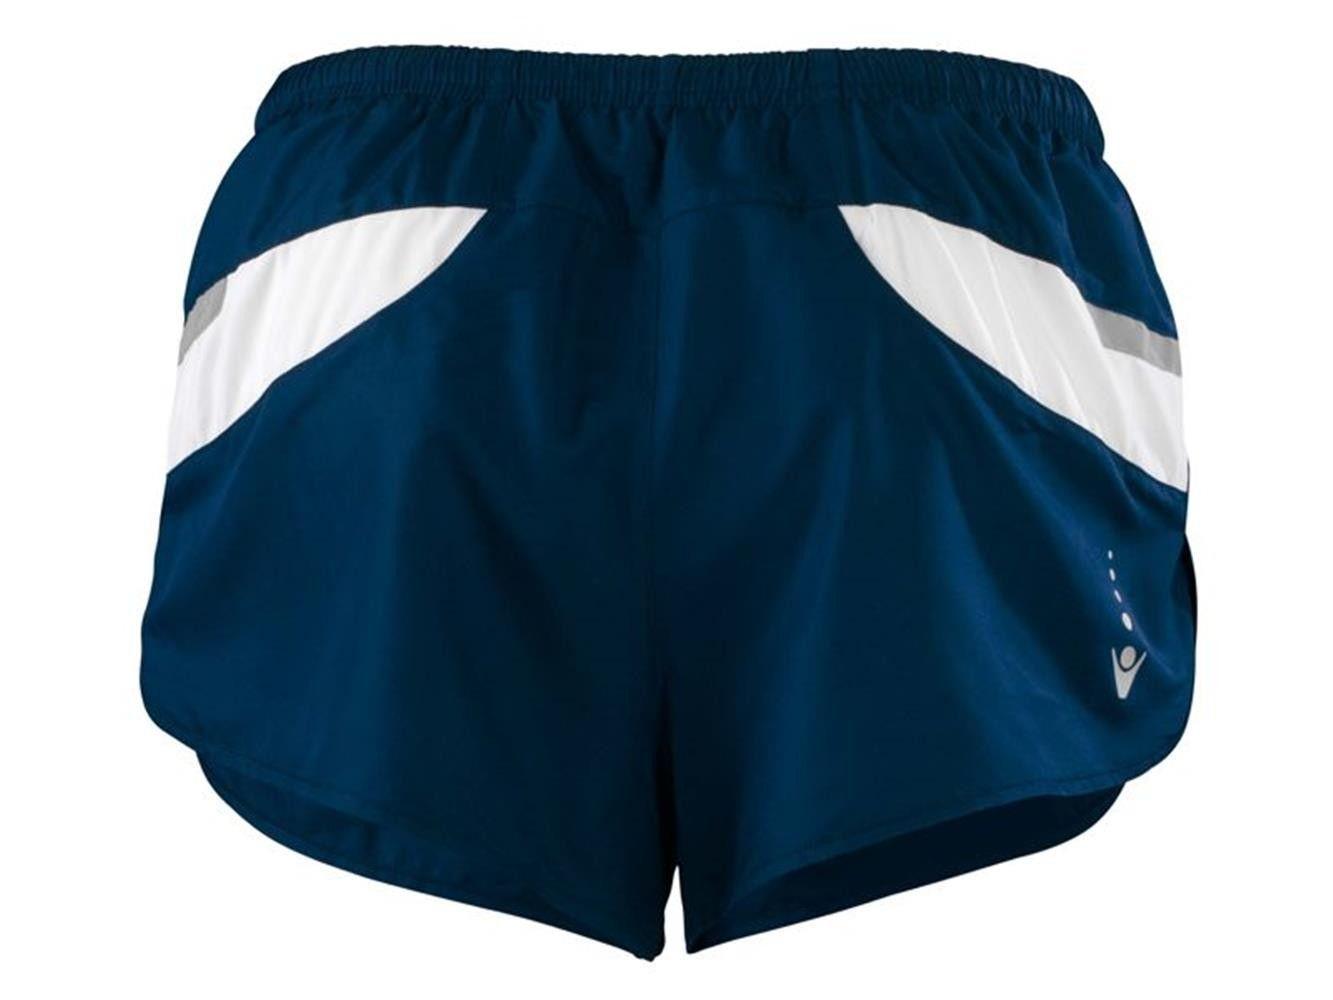 bambino materiali di alta qualità sconto speciale di Pantaloncini Macron Fay Running Uomo Col.Blu Navy